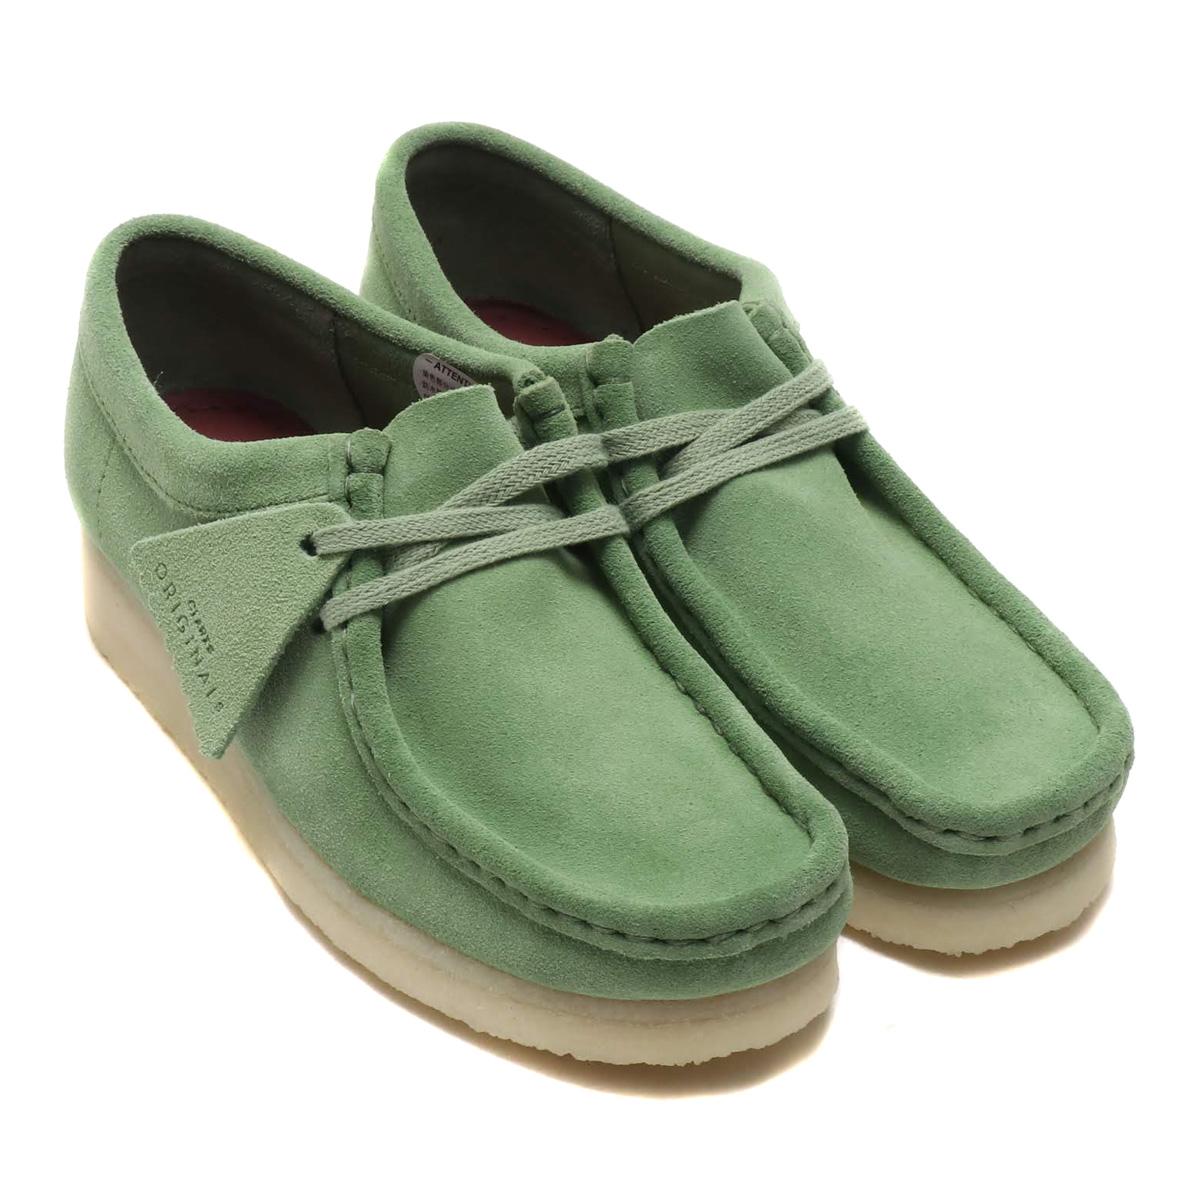 Clarks Wallabee (クラークス ワラビー)Cactus Green【レディース スニーカー】19SP-I